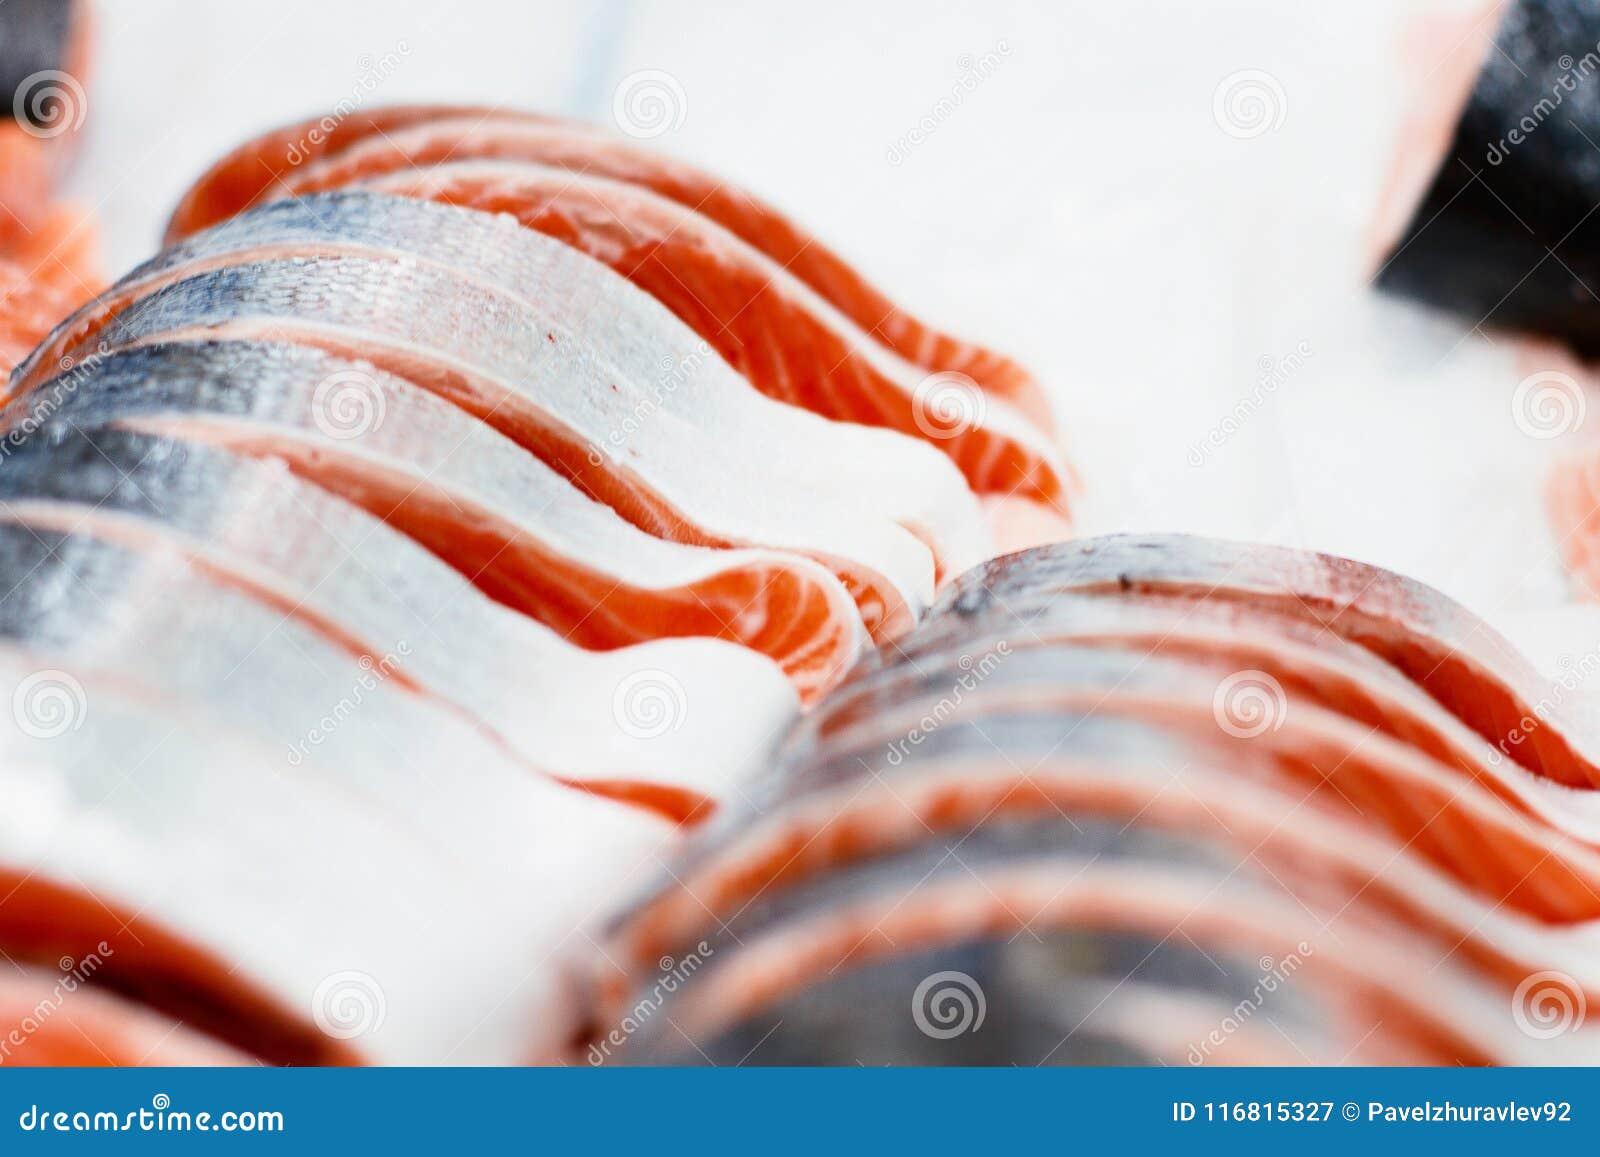 Fetta di color salmone in supermercato pezzo di pesce in ghiaccio alla cucina del ristorante Alimento sano per i sushi Fuoco sele